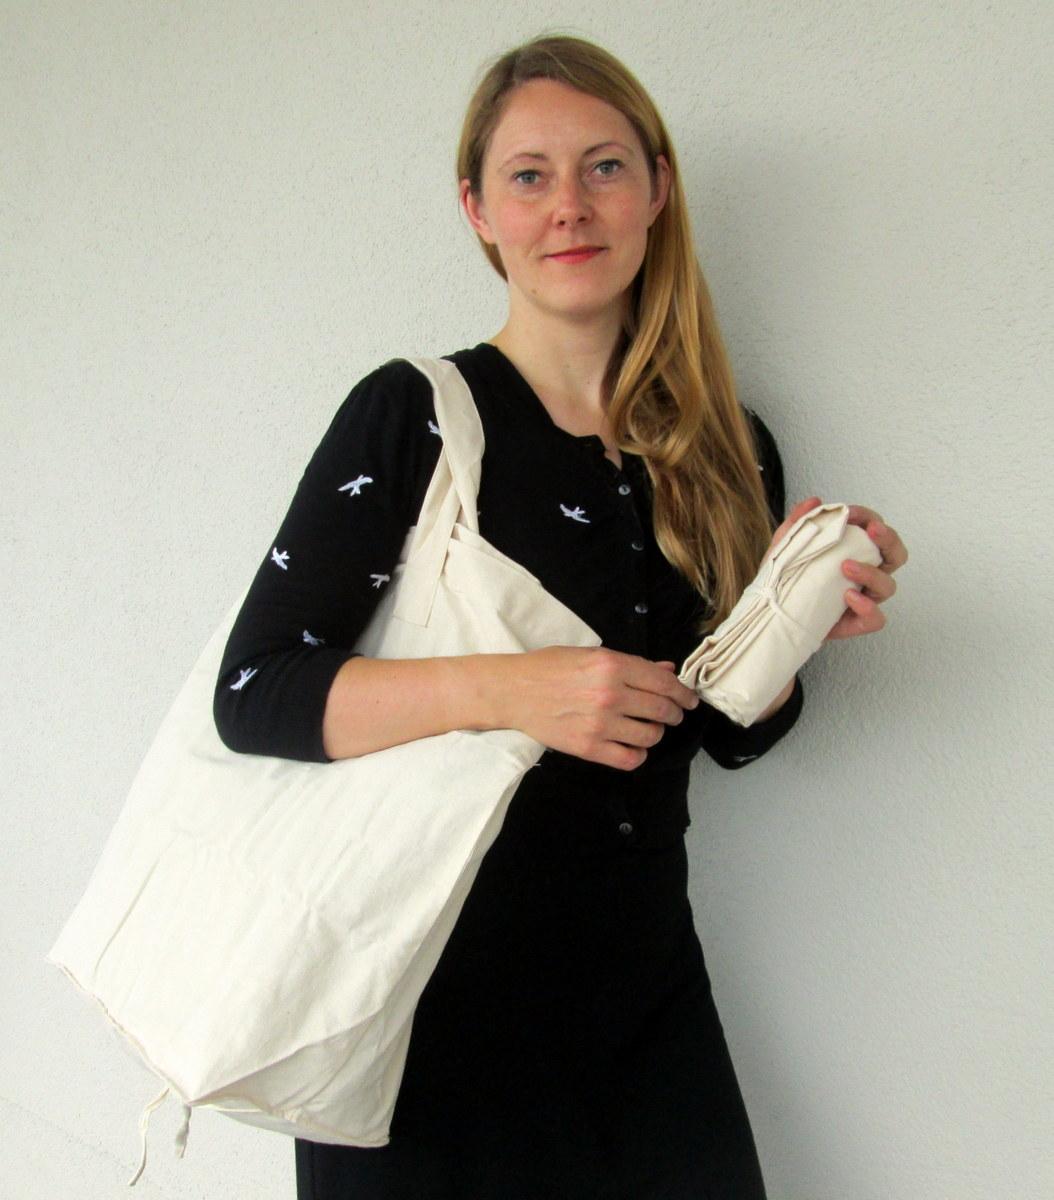 Einkaufstasche - Bio-Baumwolle - aus Marakesch - Al-Kawtar für behinderte Frauen